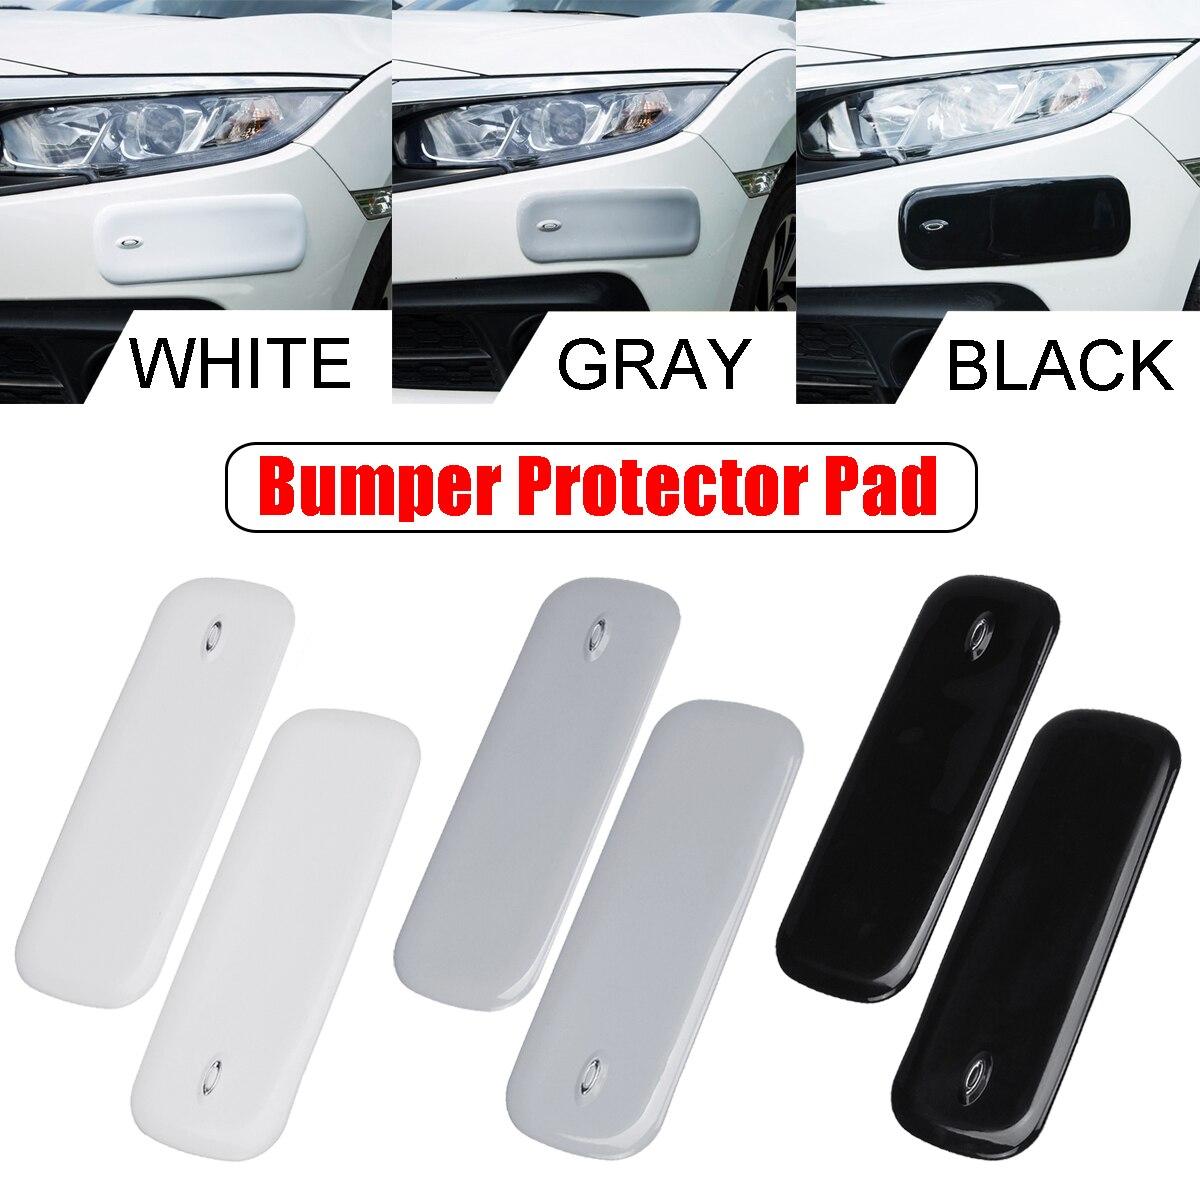 2 uds. Protector de parachoques Universal para coche, Protector de parachoques, protección de pegatinas para rasguños